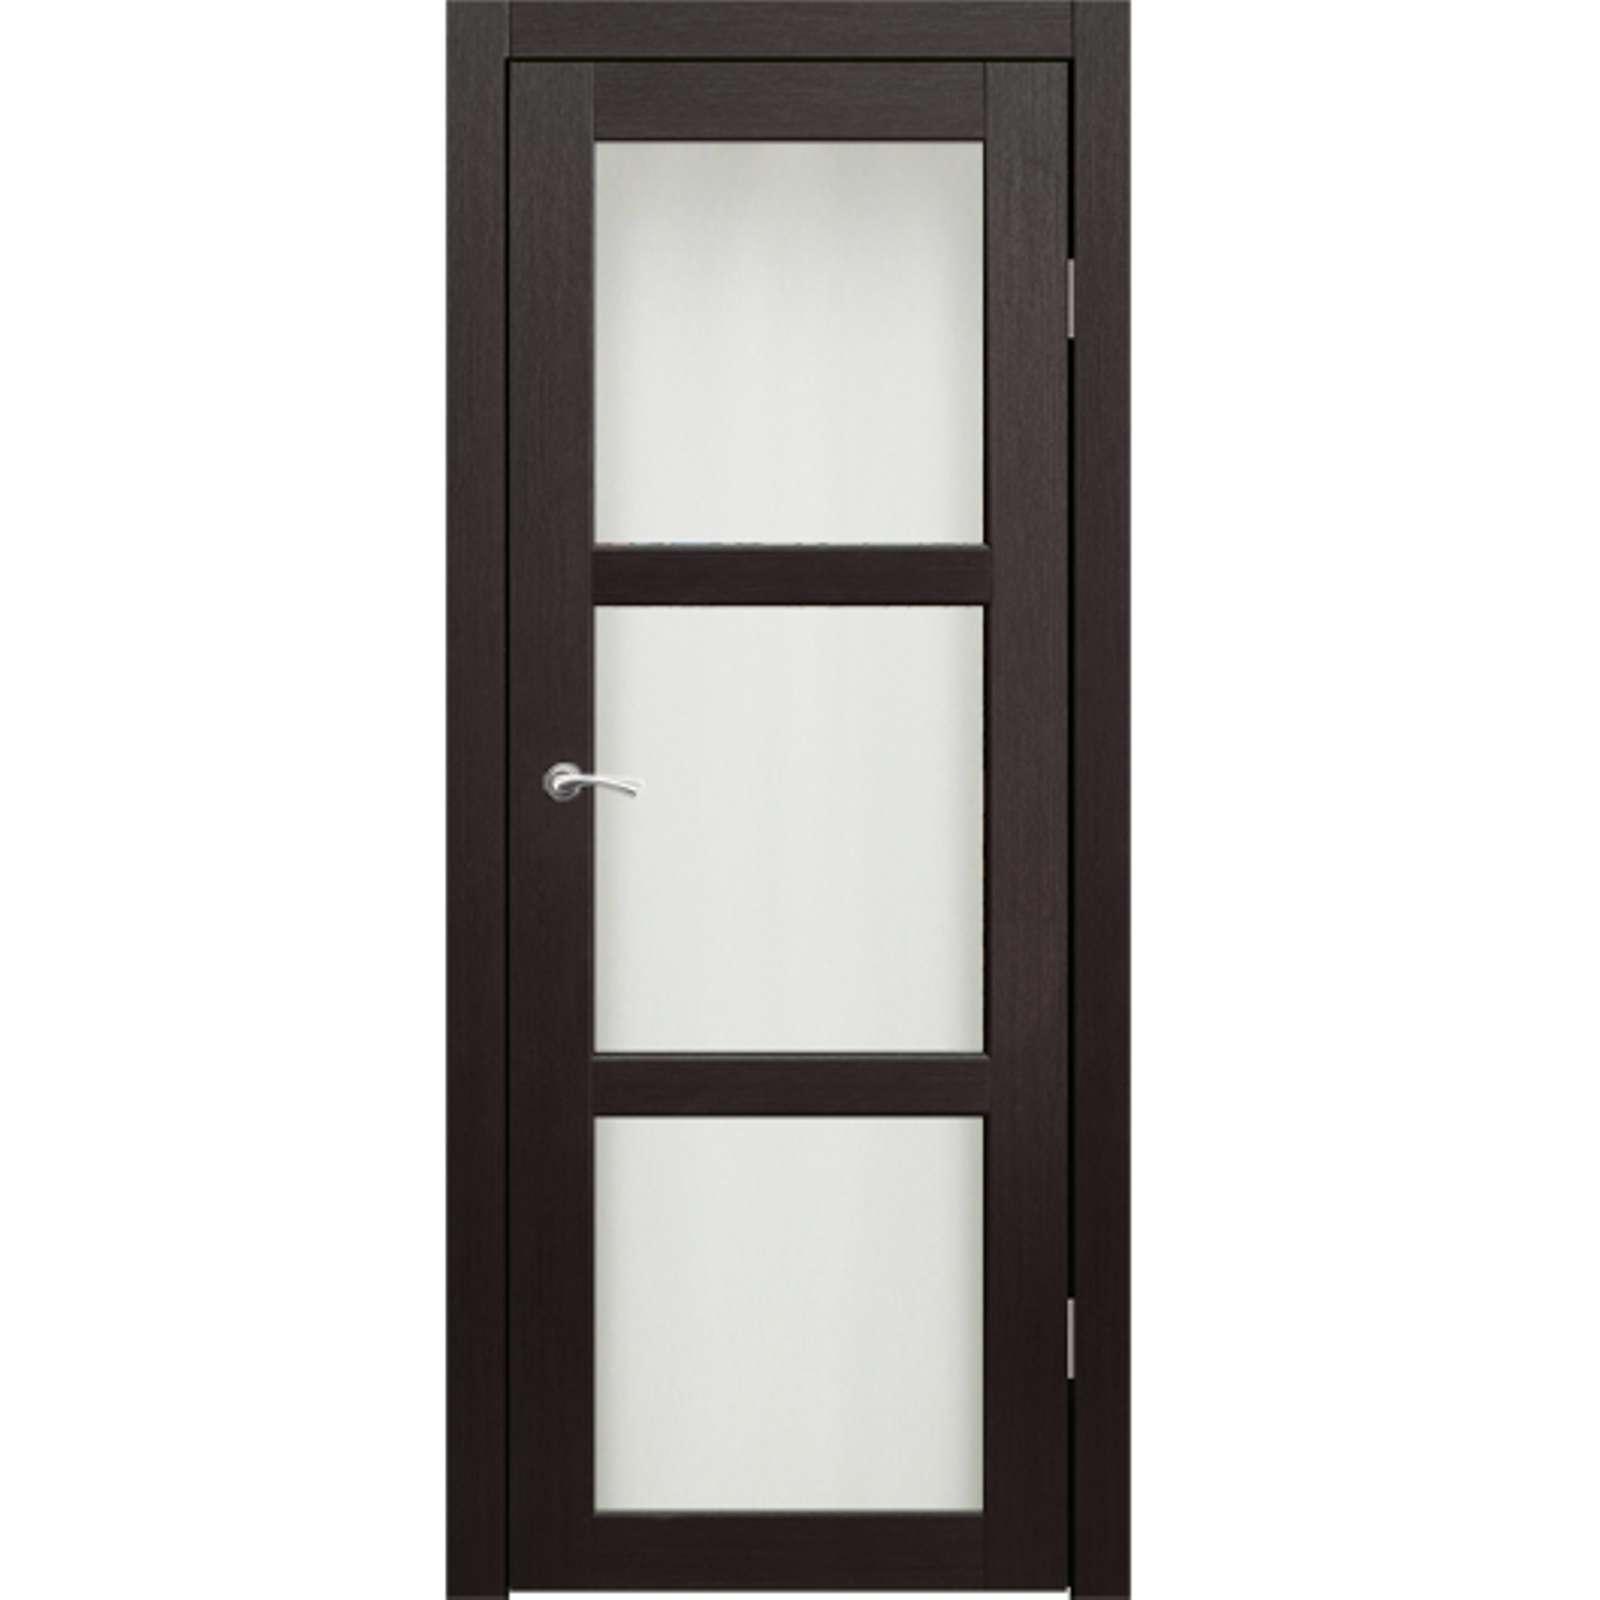 Полотно дверное остекленное Гарде (стекло Лакобель белое) СИНЕРЖИ венге ПВХ, ПДО 900х2000мм